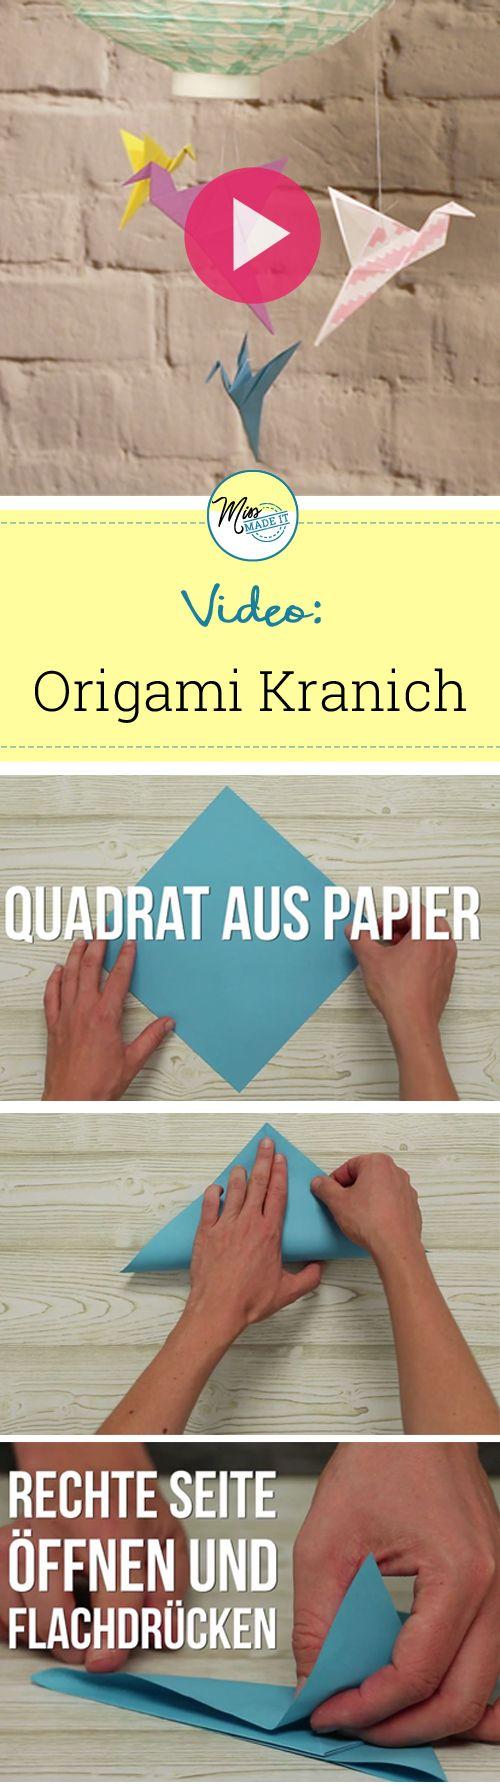 Origami Kranich basteln ist gar nicht so schwer wie du denkst! Hier geht es zur Anleitung.